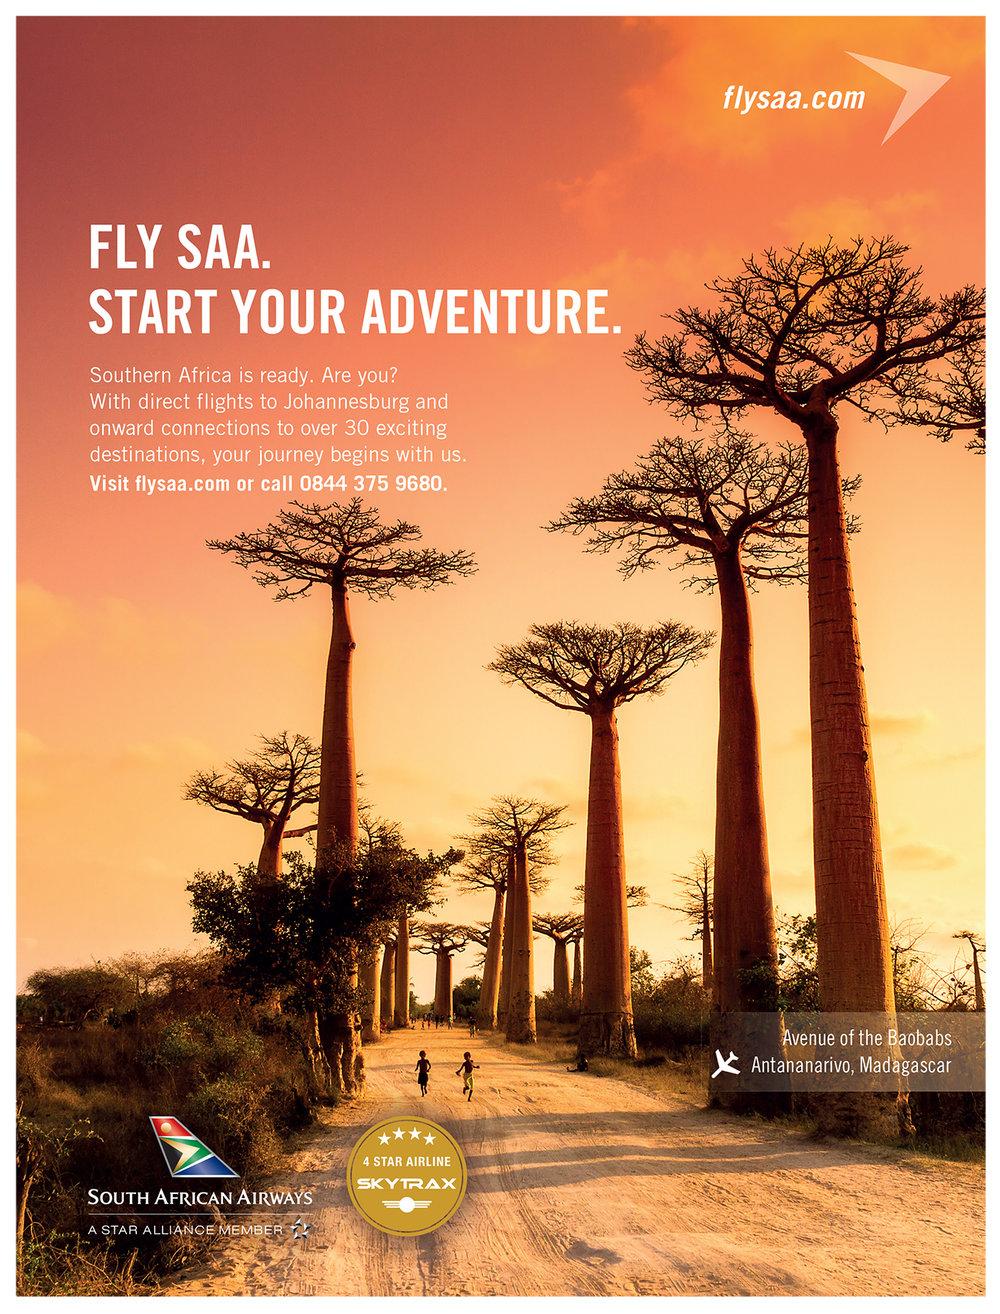 SAA-AdventureAdvert4-border-144.jpg